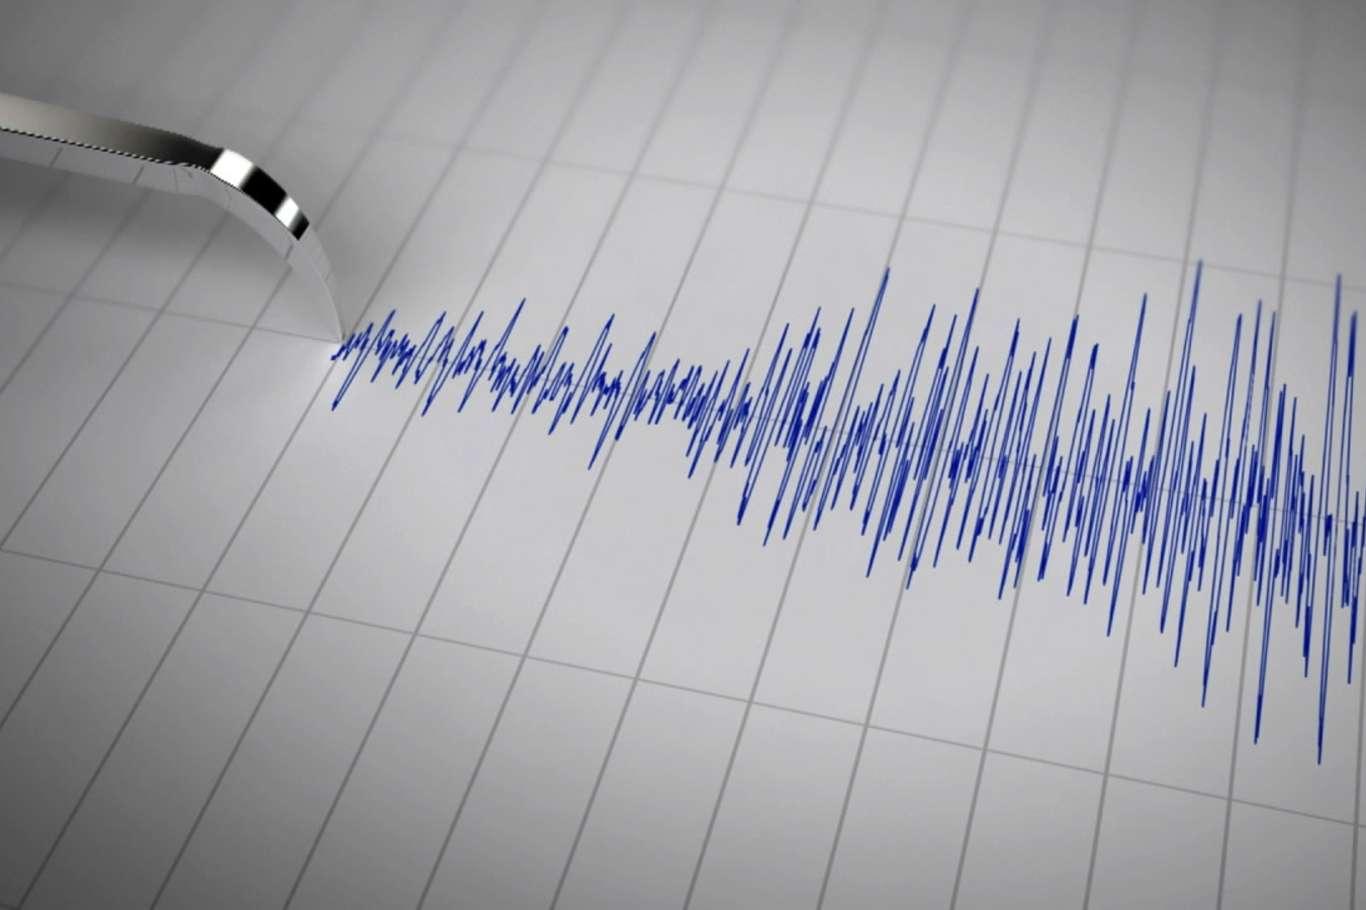 İzmir Yine Sallandı! 4 Şiddetinde Deprem